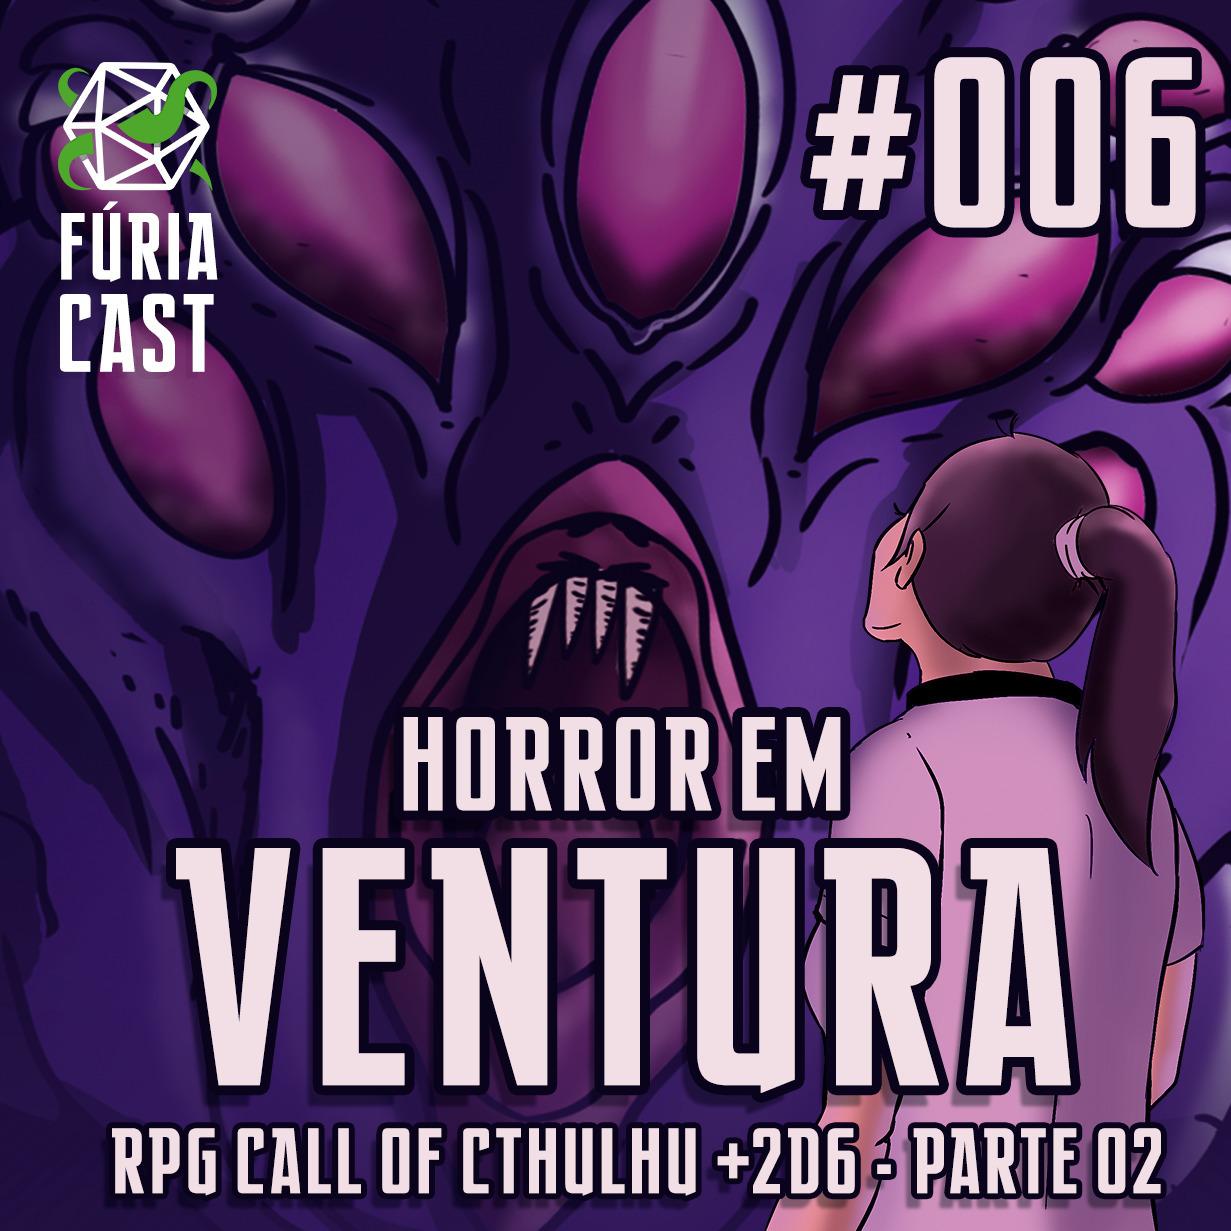 FÚRIACAST #006: HORROR EM VENTURA - PARTE 2